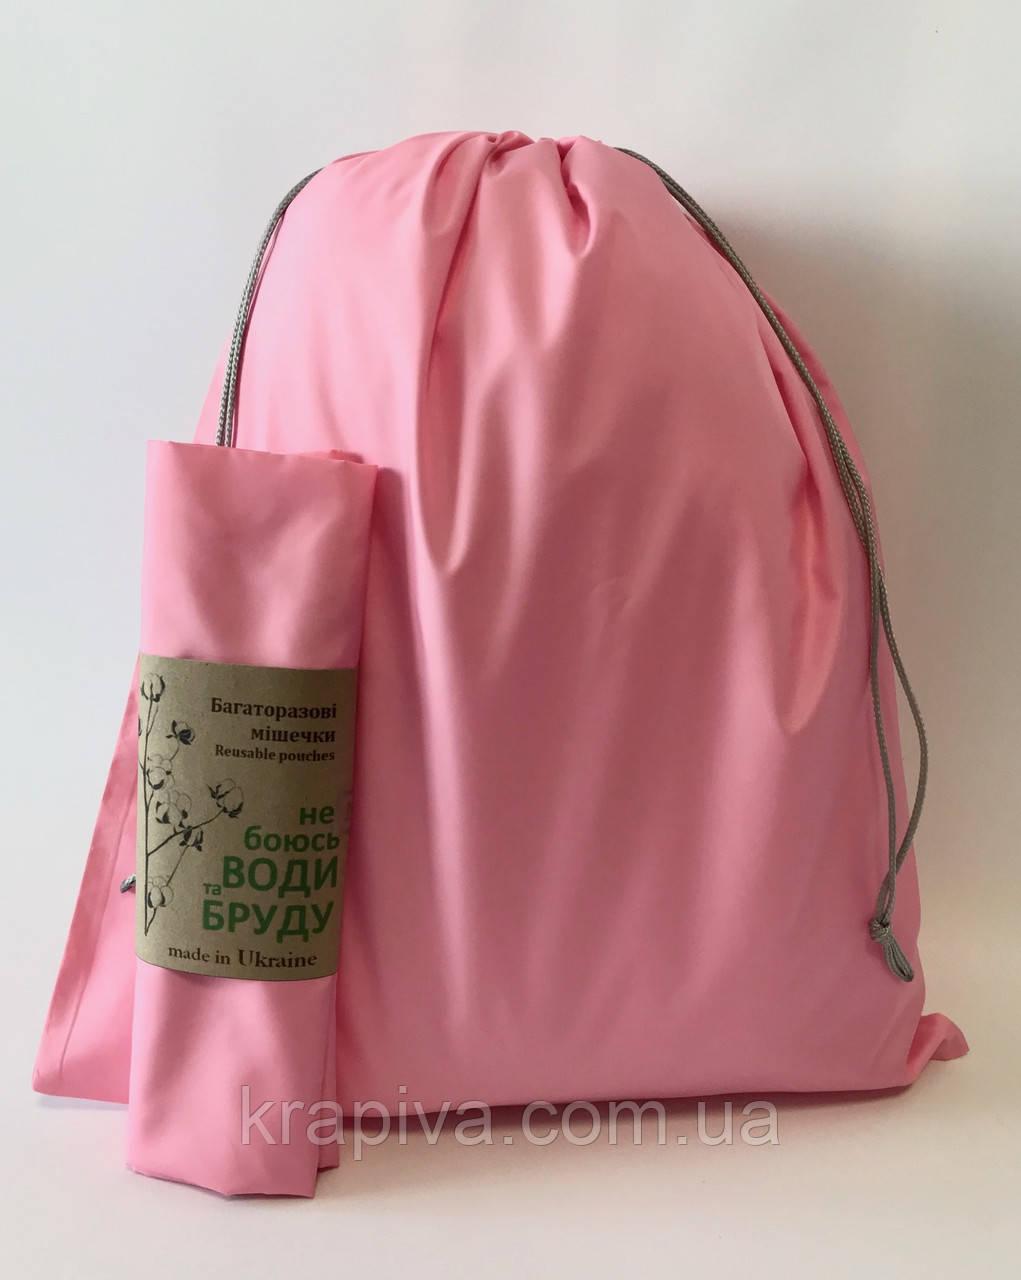 Мешок для обуви, экомешок для вещей и продуктов, эко-мешок, екоторбинка, мешок для игрушек